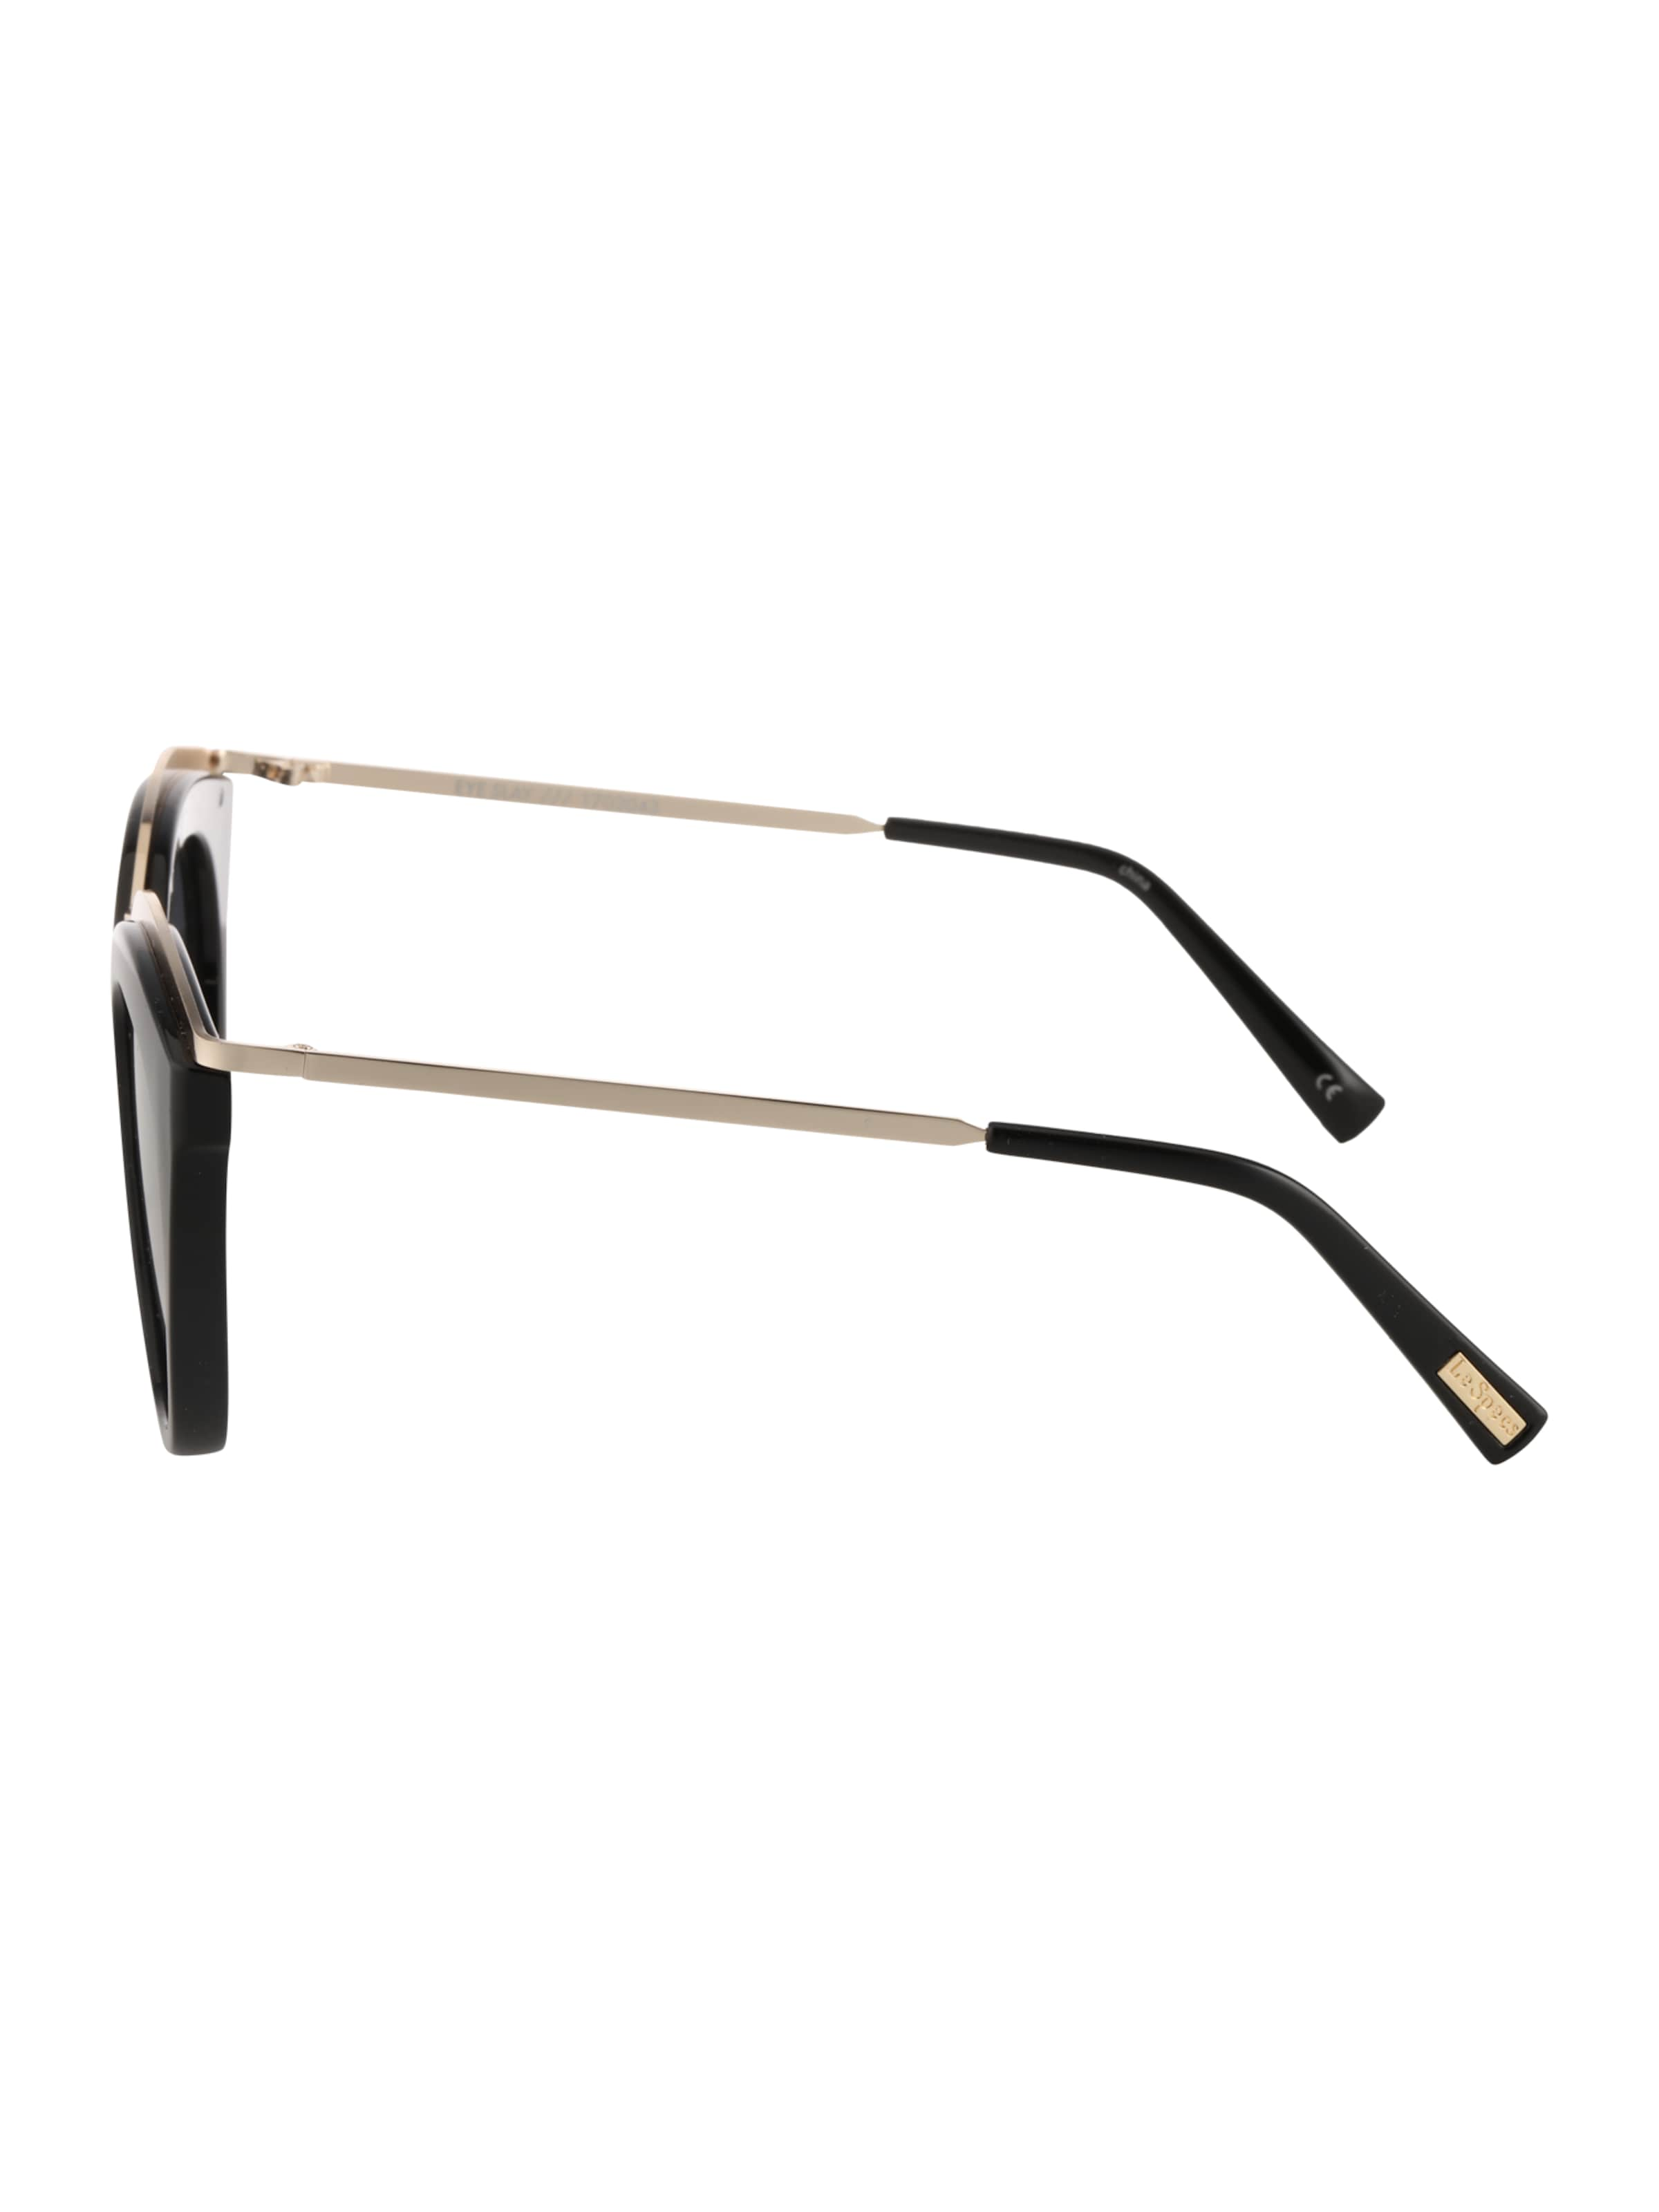 LE SPECS Sonnenbrille 'EYE SLAY' Bestes Geschäft Zu Bekommen Günstigen Preis Sneakernews Zum Verkauf xzN3dCJonM